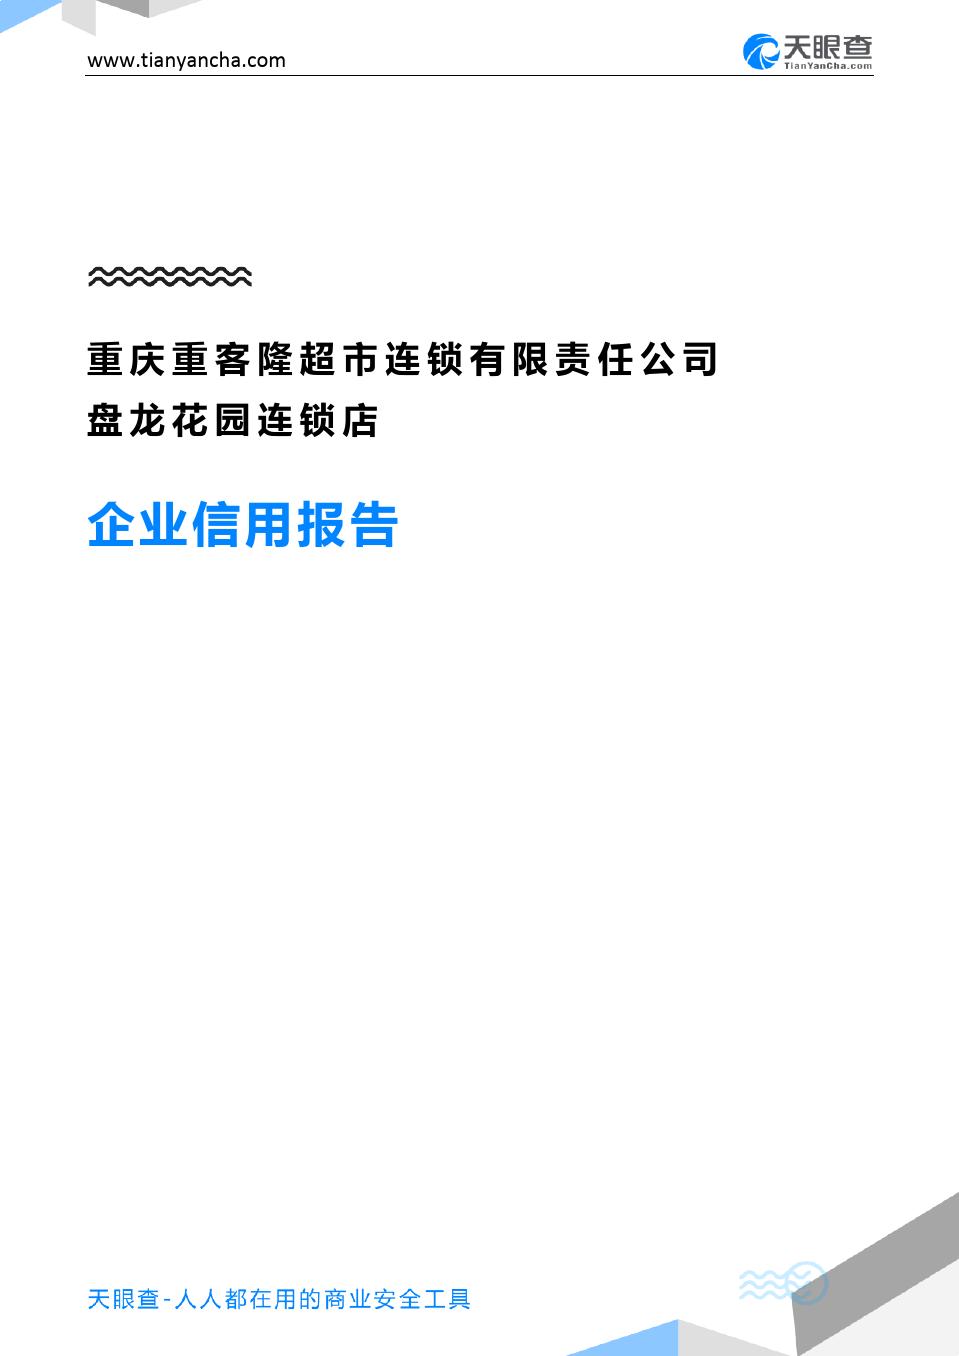 重庆重客隆超市连锁有限责任公司盘龙花园连锁店企业信用报告-天眼查